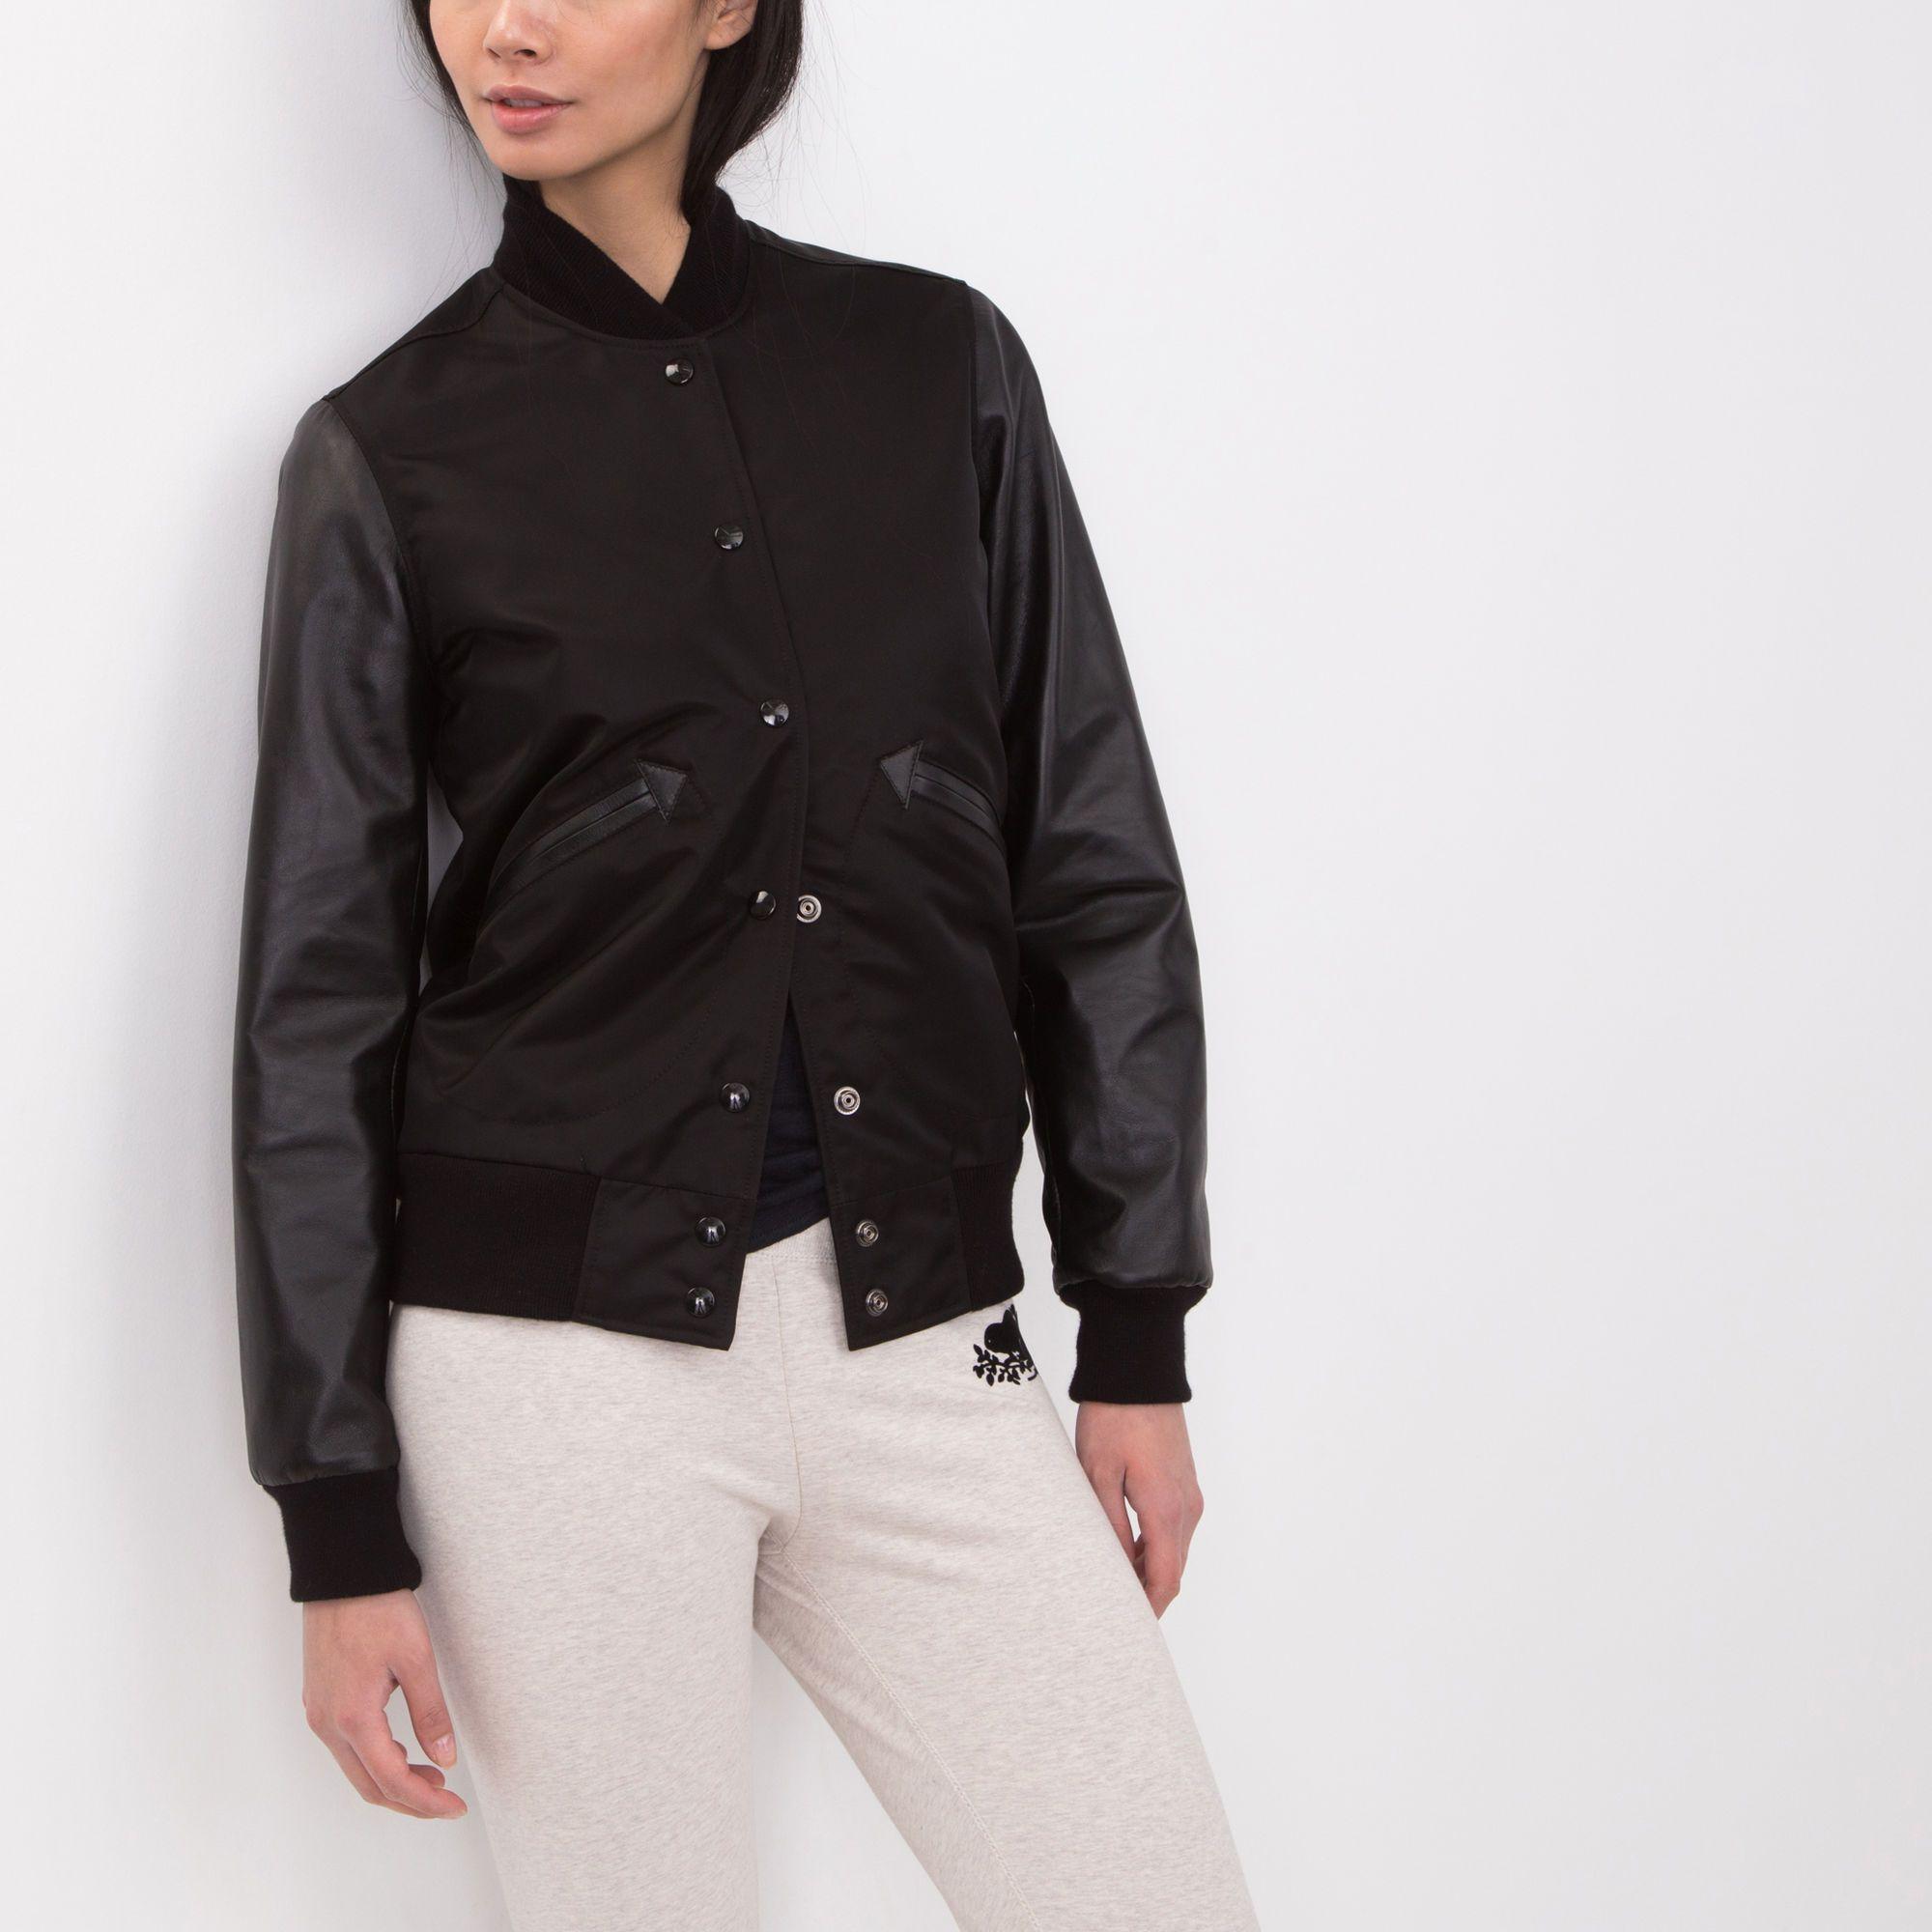 Look - How to sleeveless a wear varsity jacket video